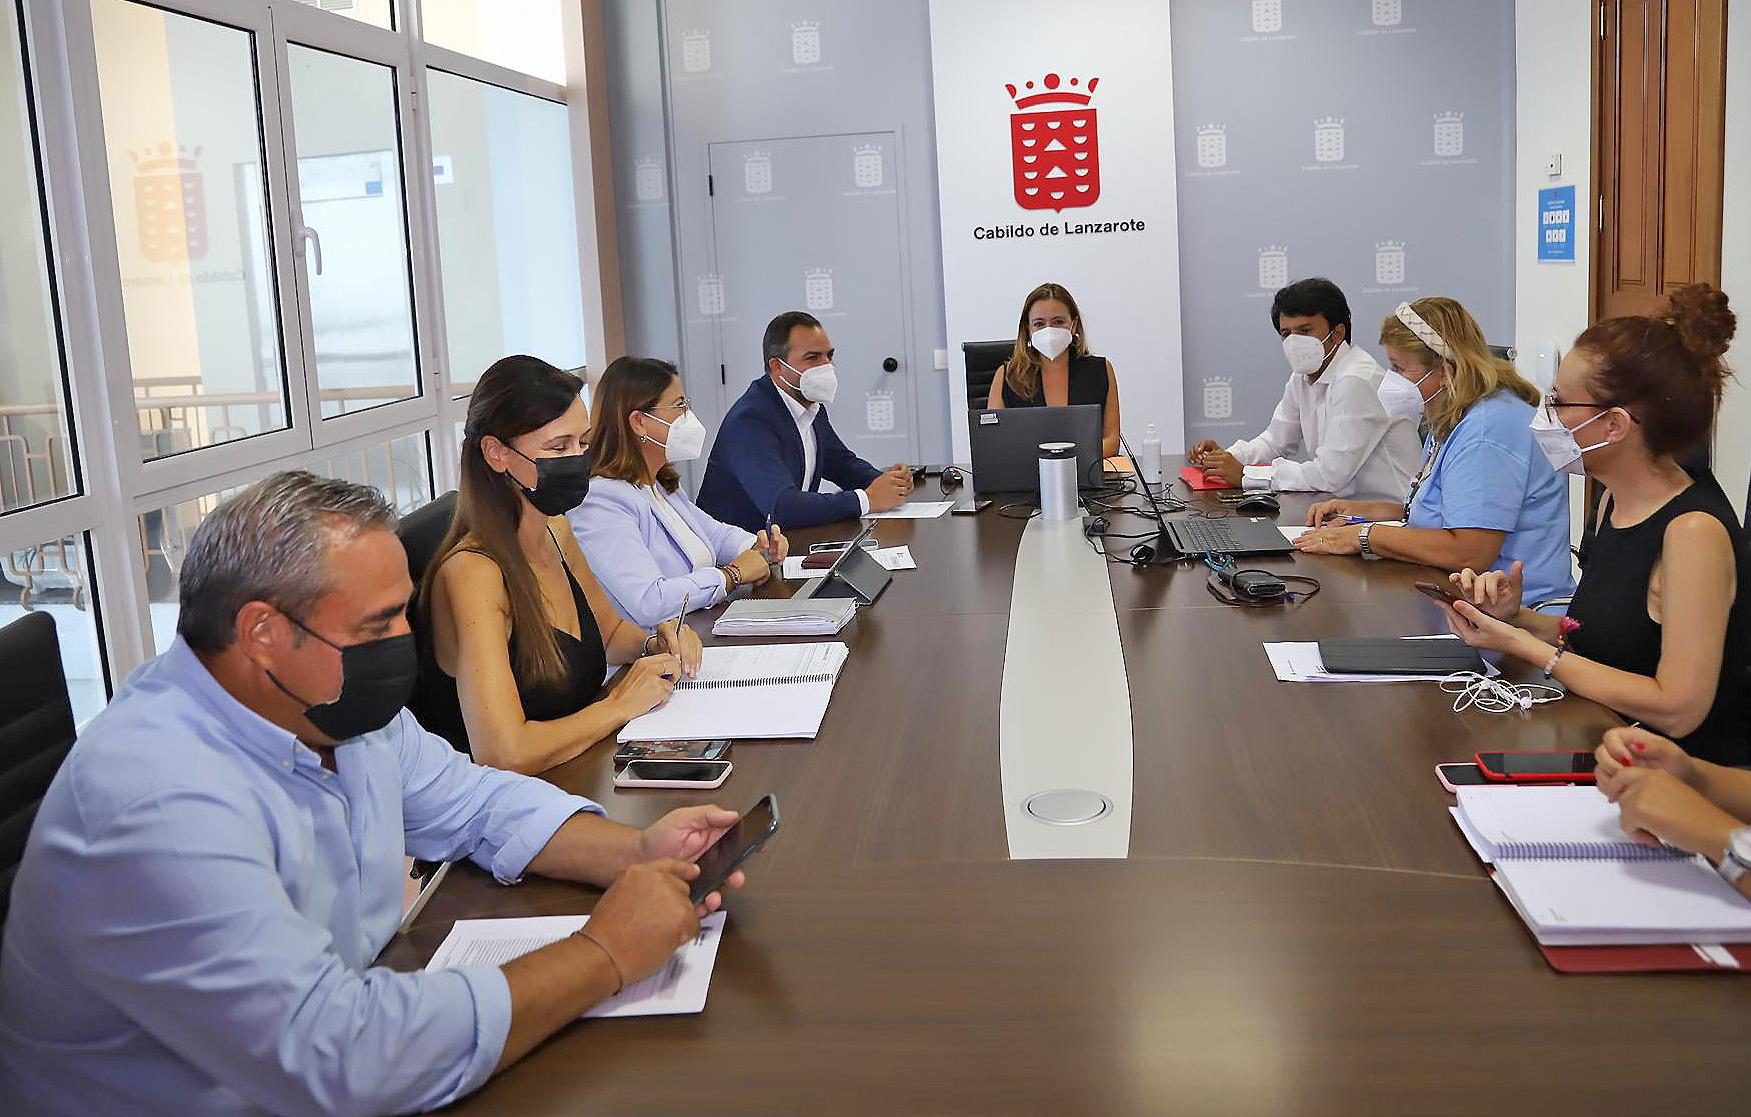 Cabildo y Gobierno de Canarias seguirán gestionando la Oficina de Información y Atención Ciudadana de forma conjunta